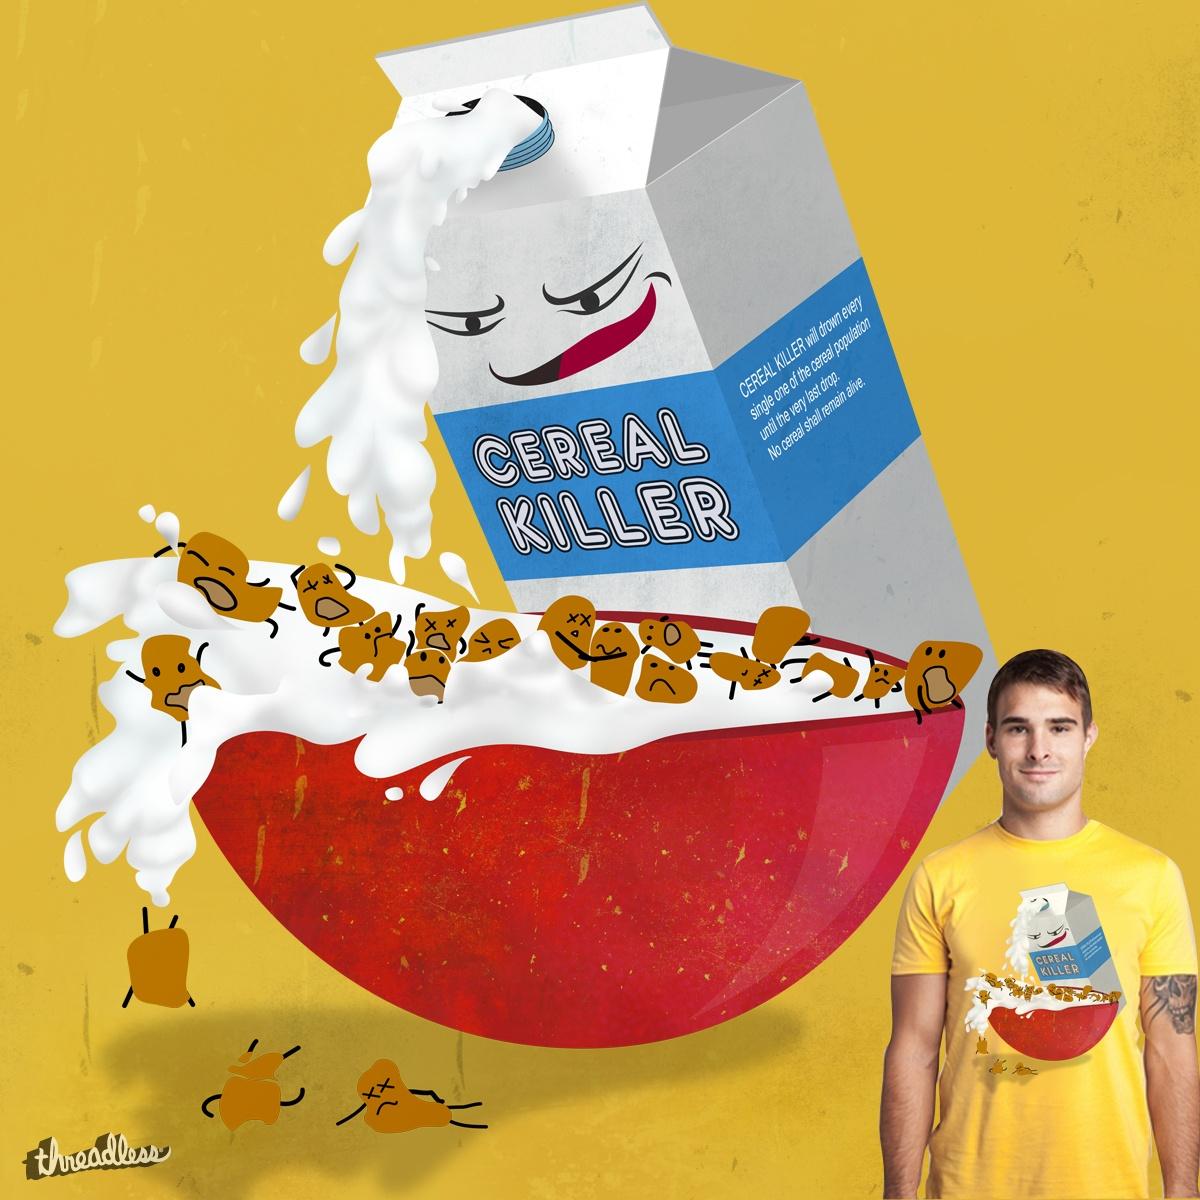 Cereal Killer by nidya on Threadless